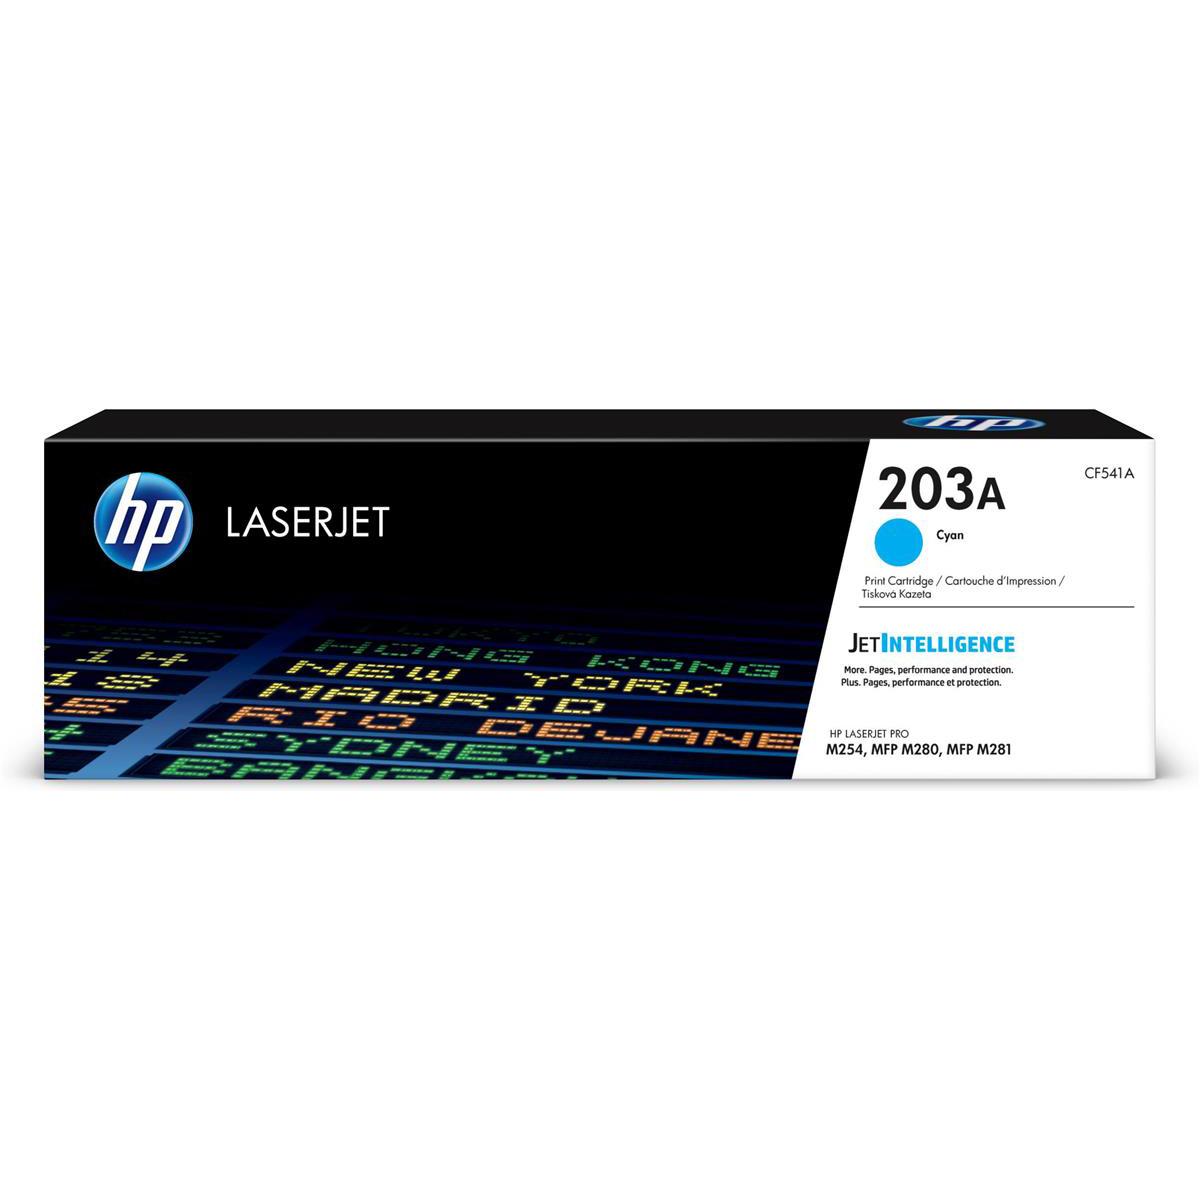 HP 203A LaserJet TonerCart Cyan CF541A